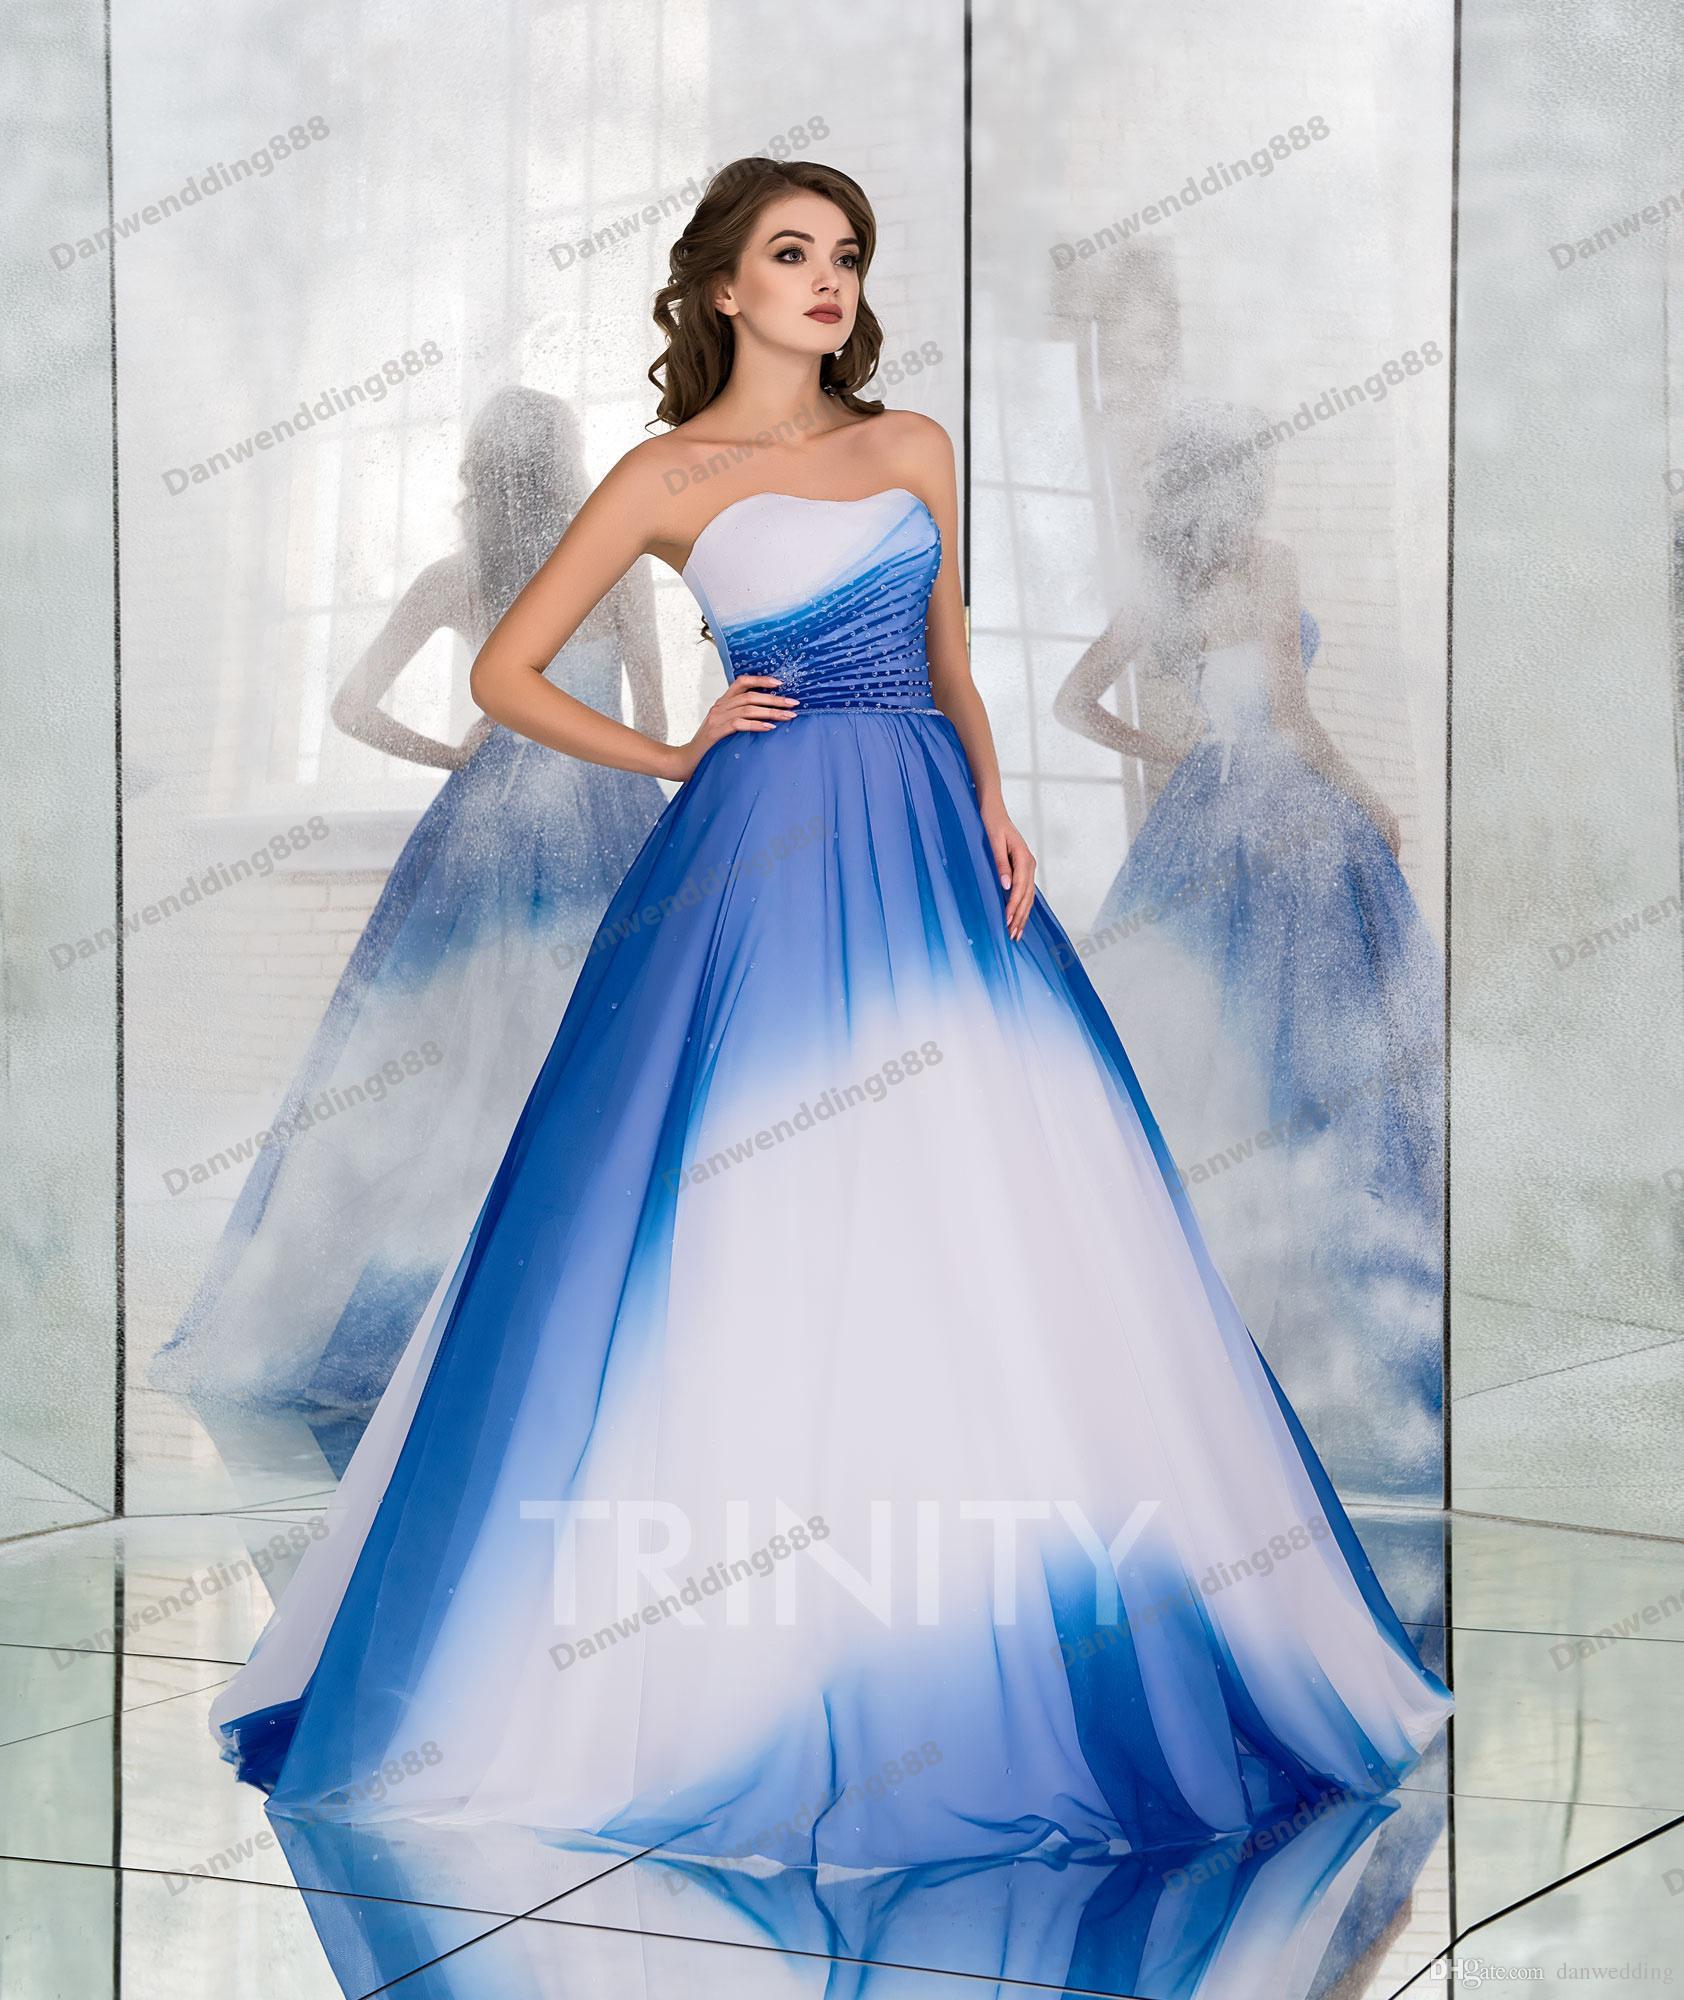 Großhandel Hell Weiß / Blau Shade Chiffon Trägerlosen A Line Brautkleider  Braut Festzug Kleider Hochzeit Kleidung Kleider Benutzerdefinierte Größe 2